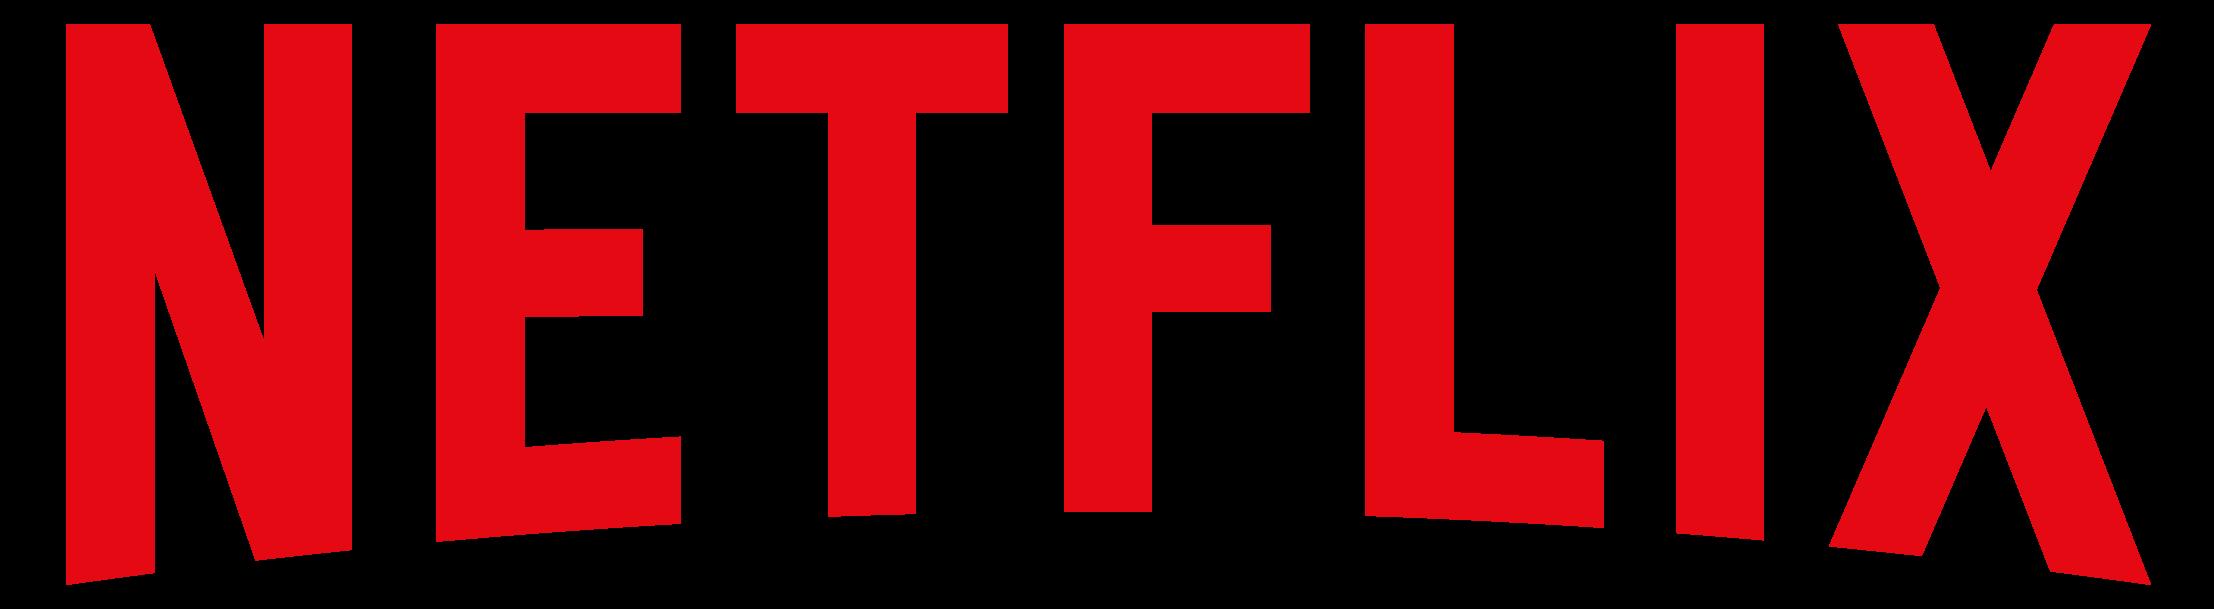 netflix tv logo png #2569